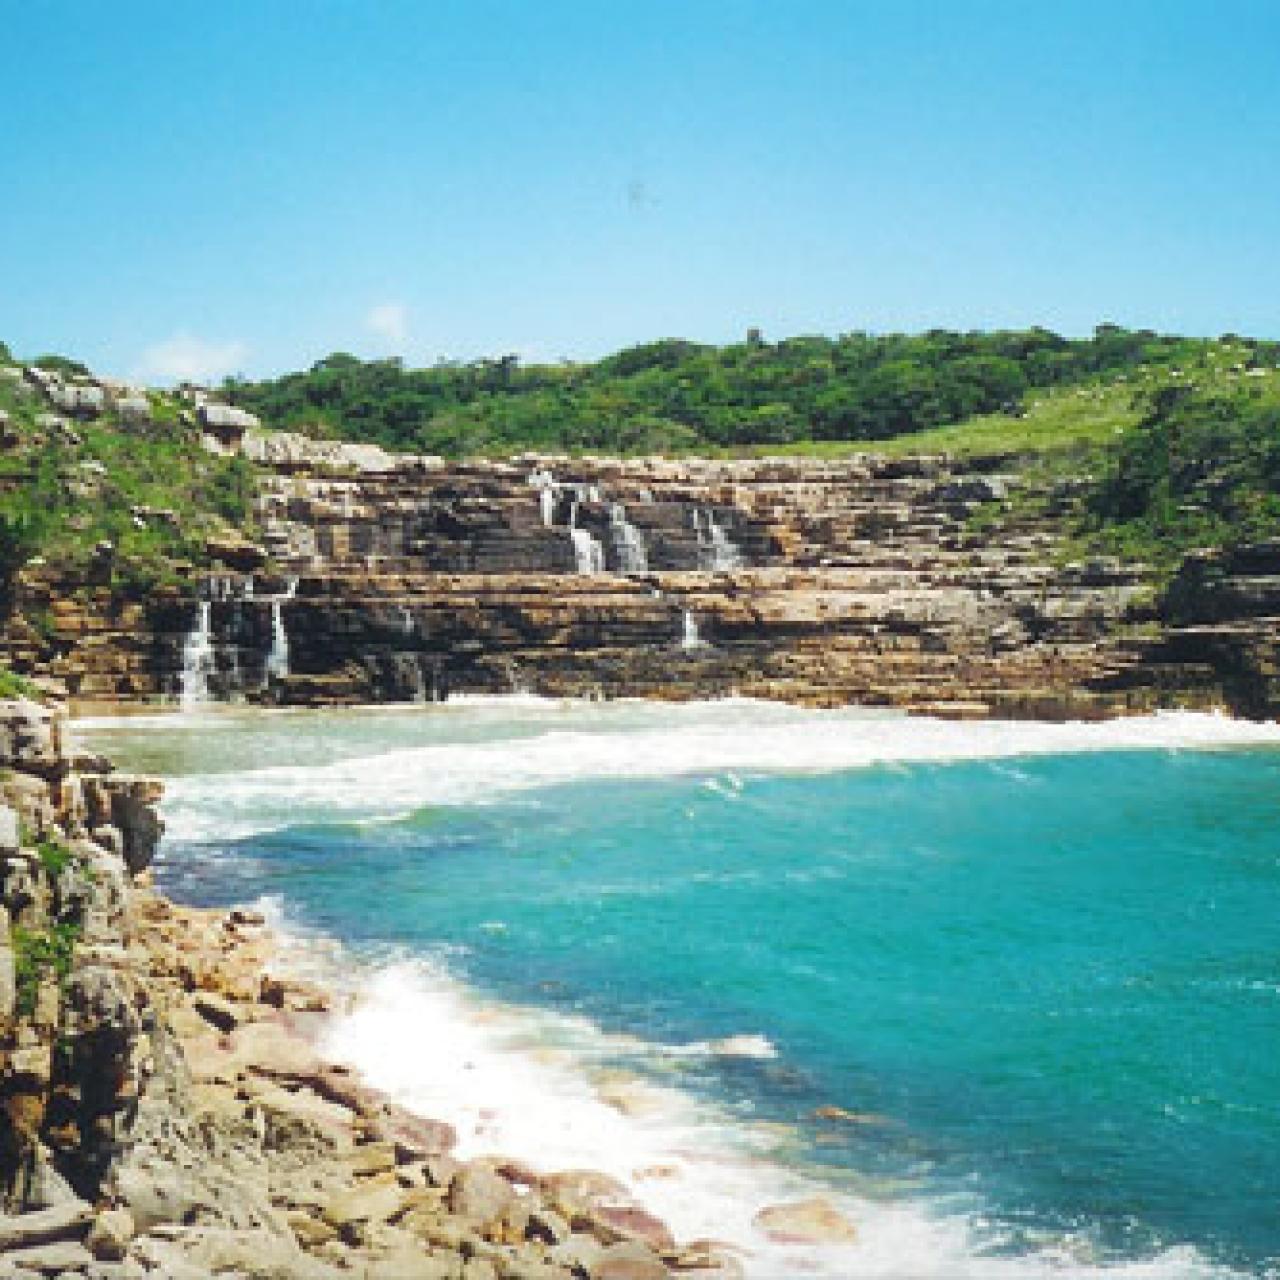 Mkambati Waterfall